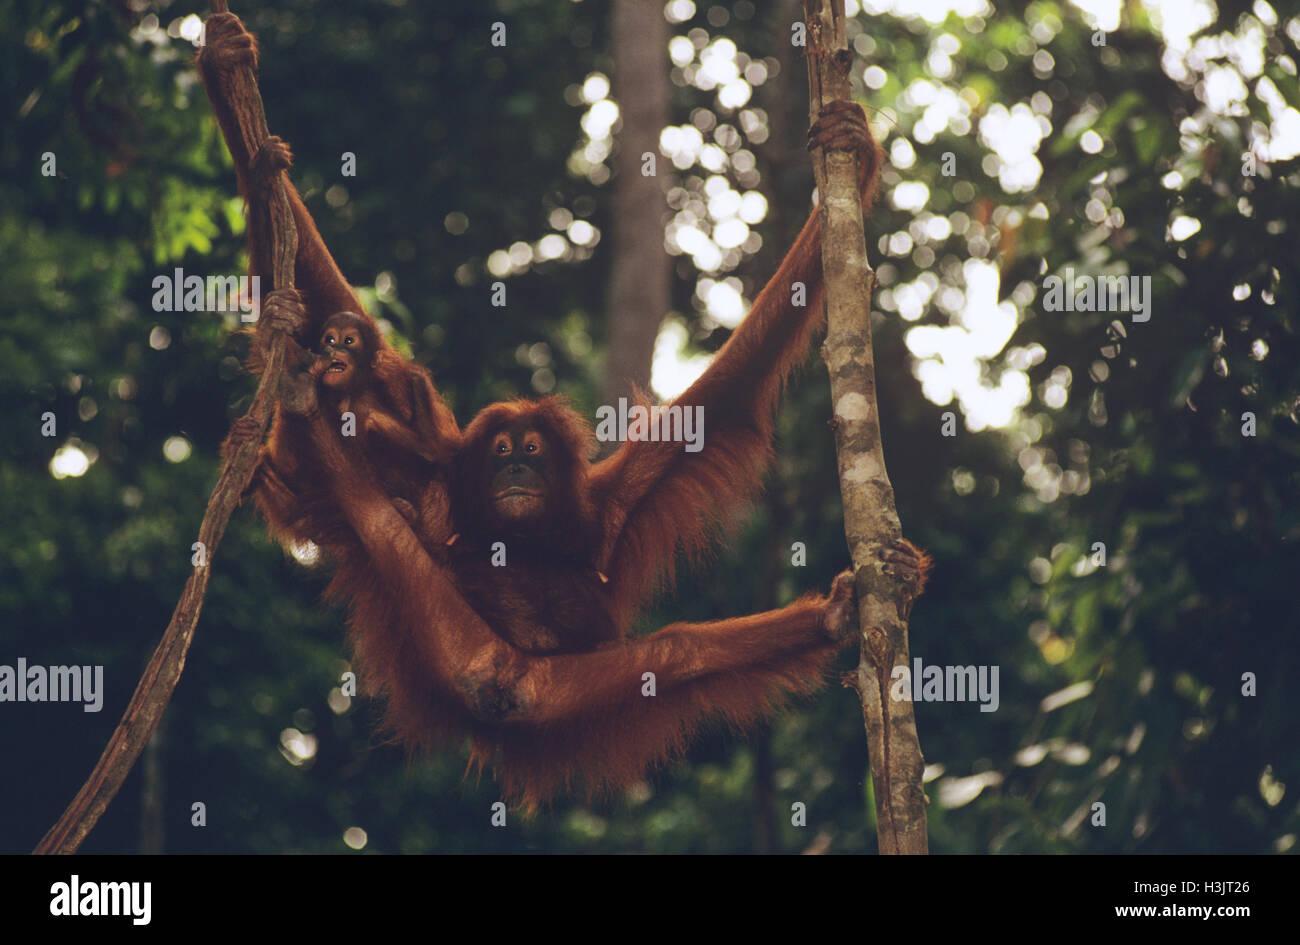 Bornean orangutan (Pongo pygmaeus) - Stock Image